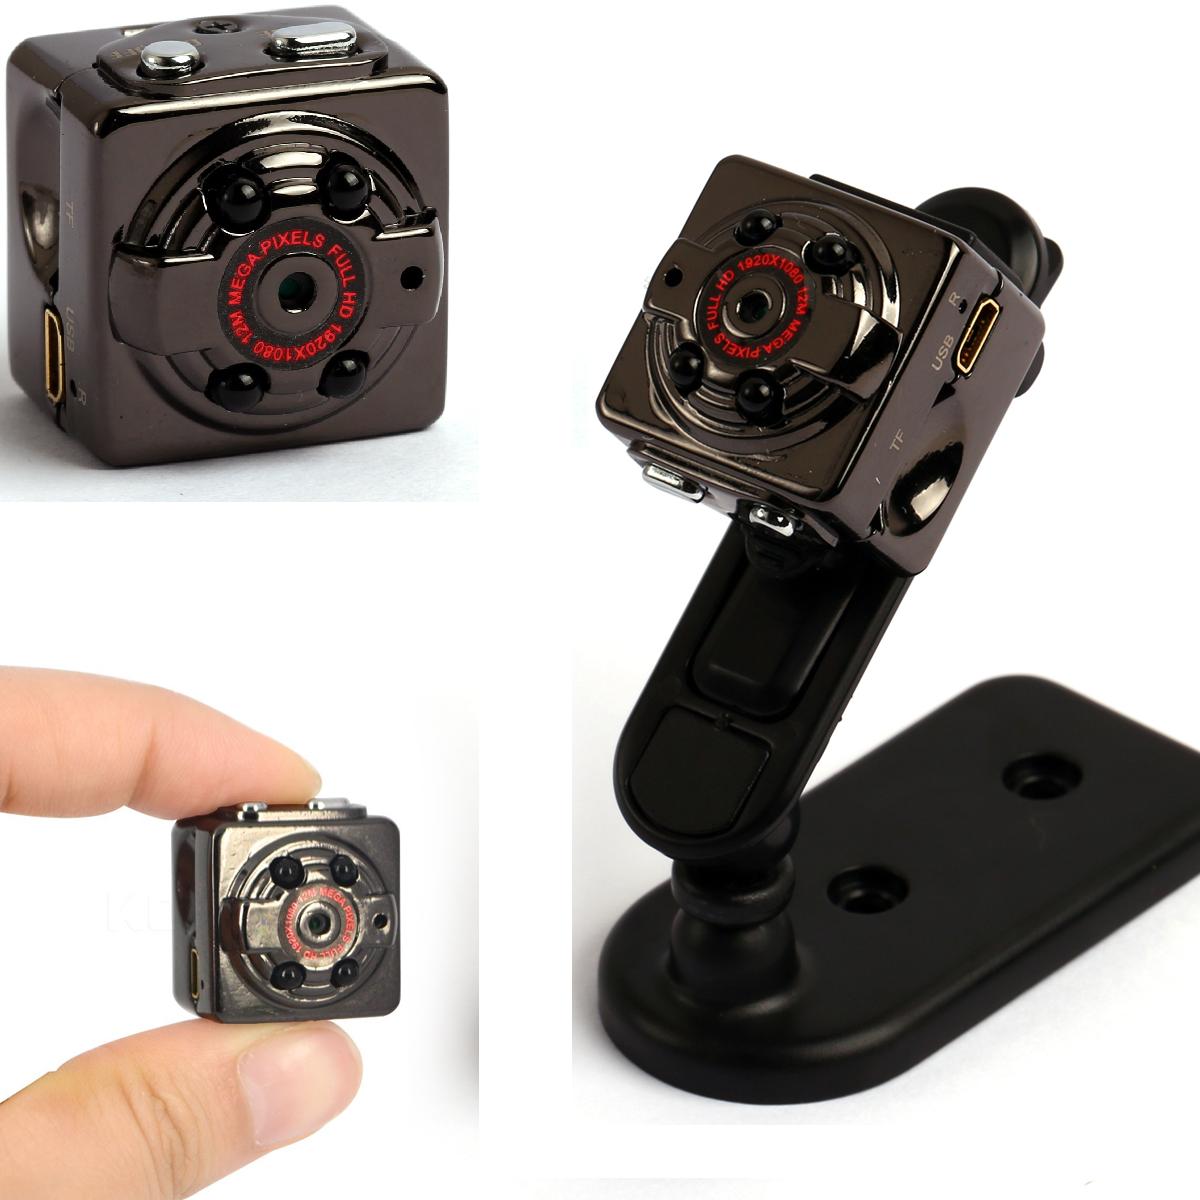 mini berwachungskamera video foto versteckte kamera spy. Black Bedroom Furniture Sets. Home Design Ideas